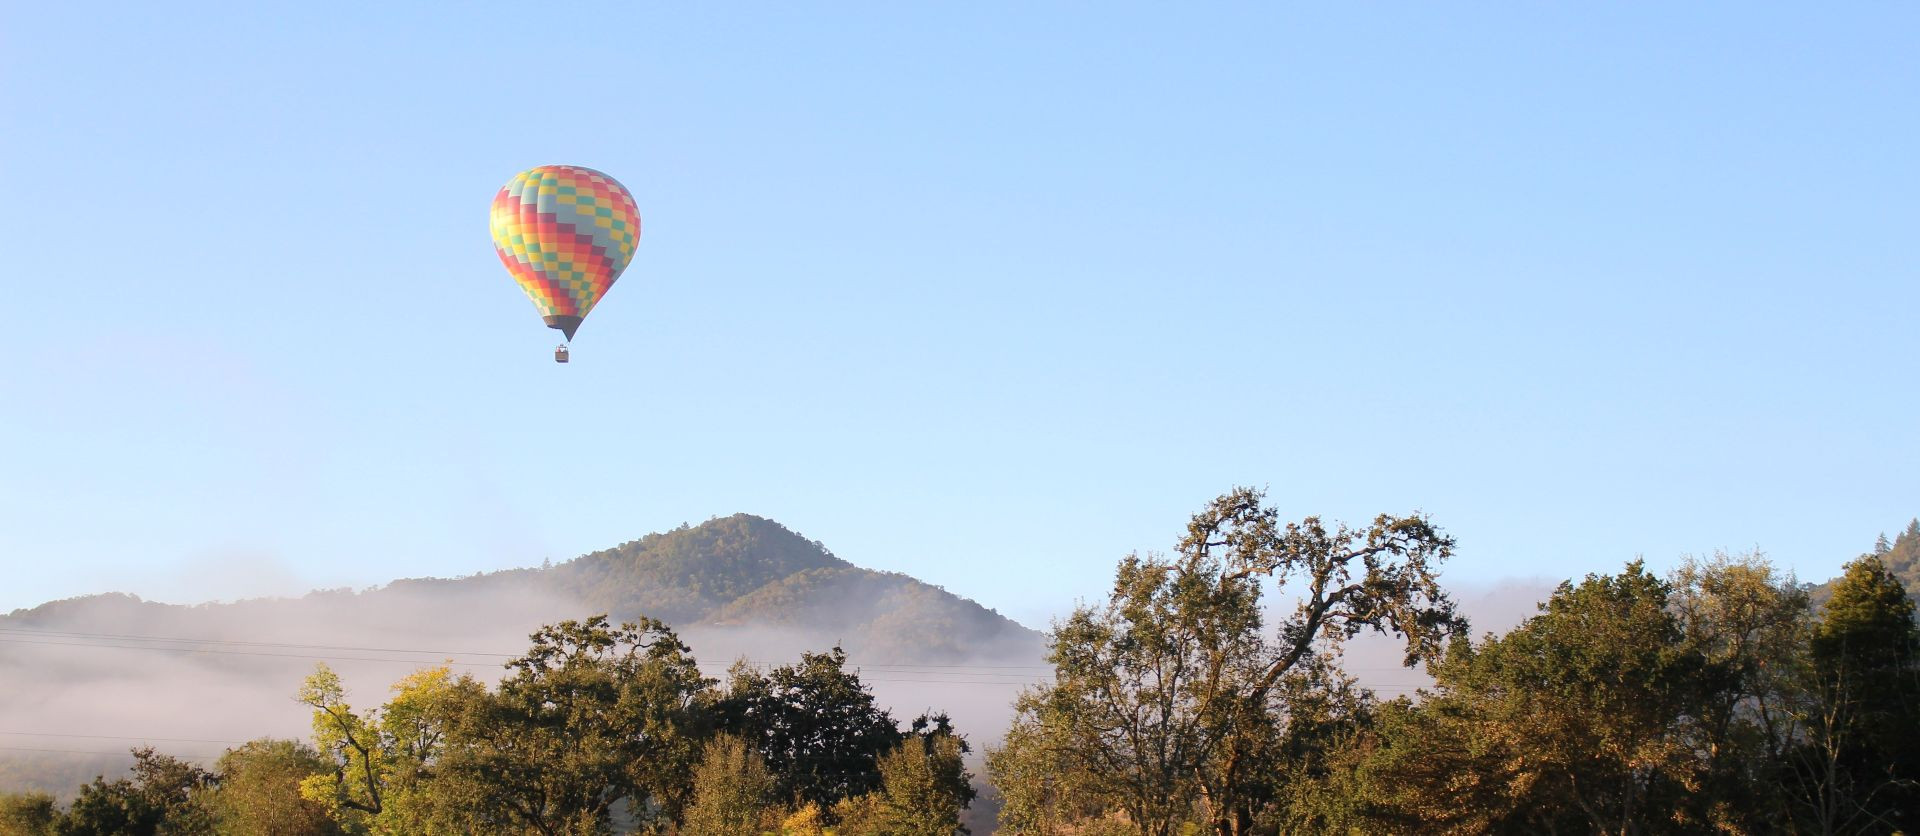 Volo privato in mongolfiera sull'altopiano della Sila